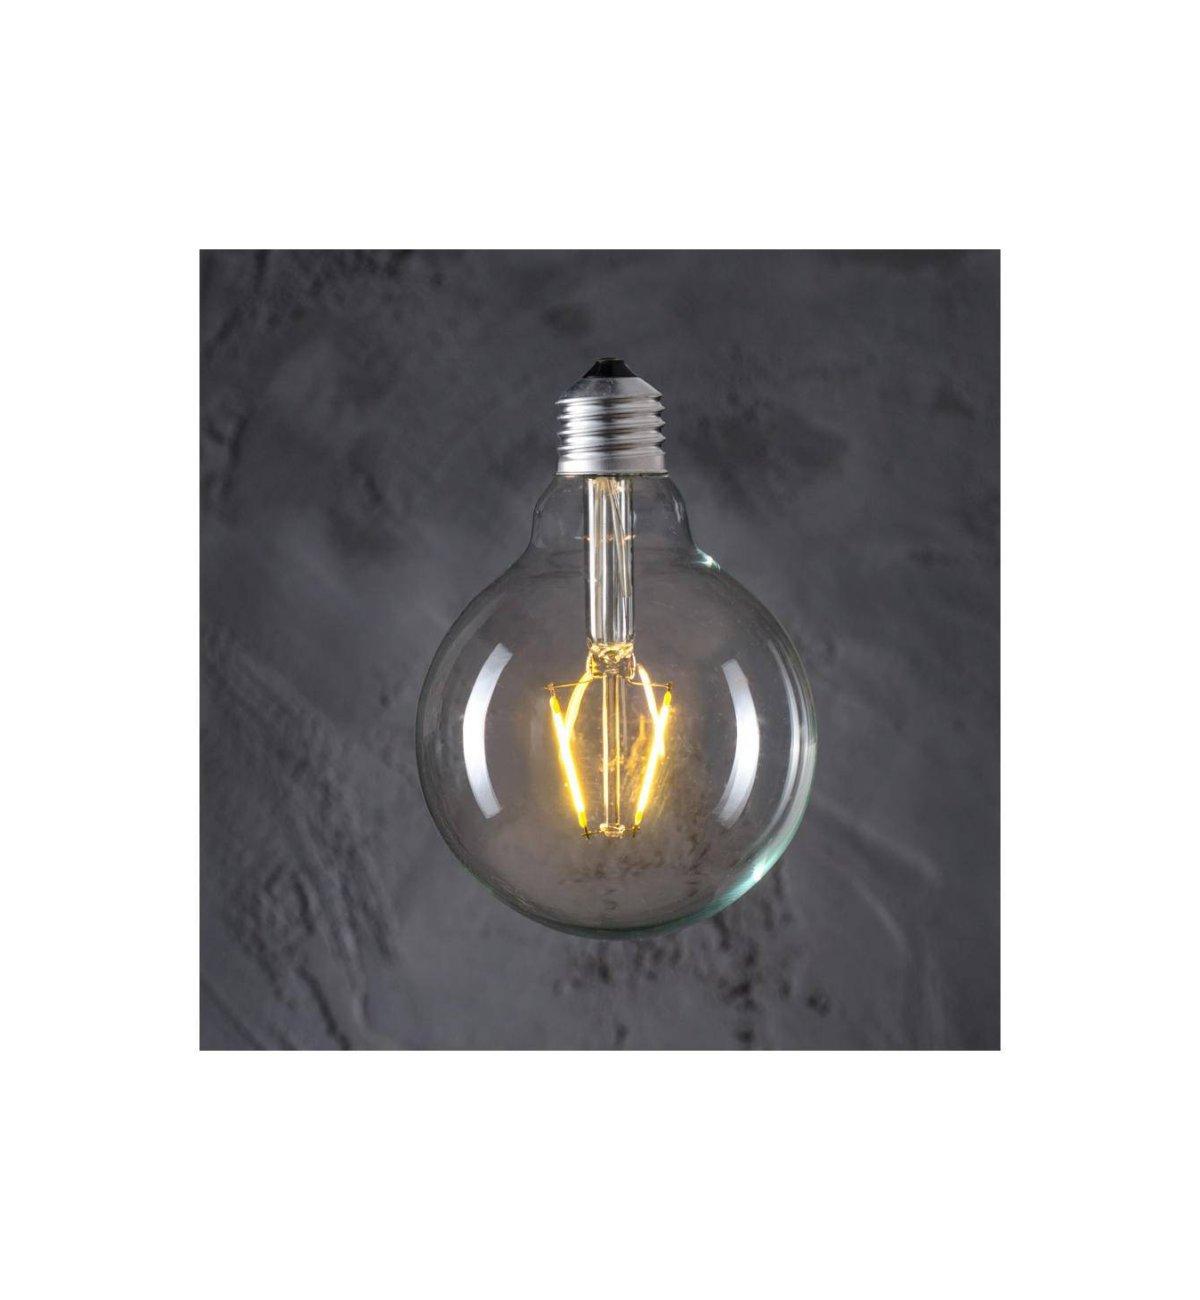 żarówka Dekoracyjna Led Globe 95 Edison 2w Sklep